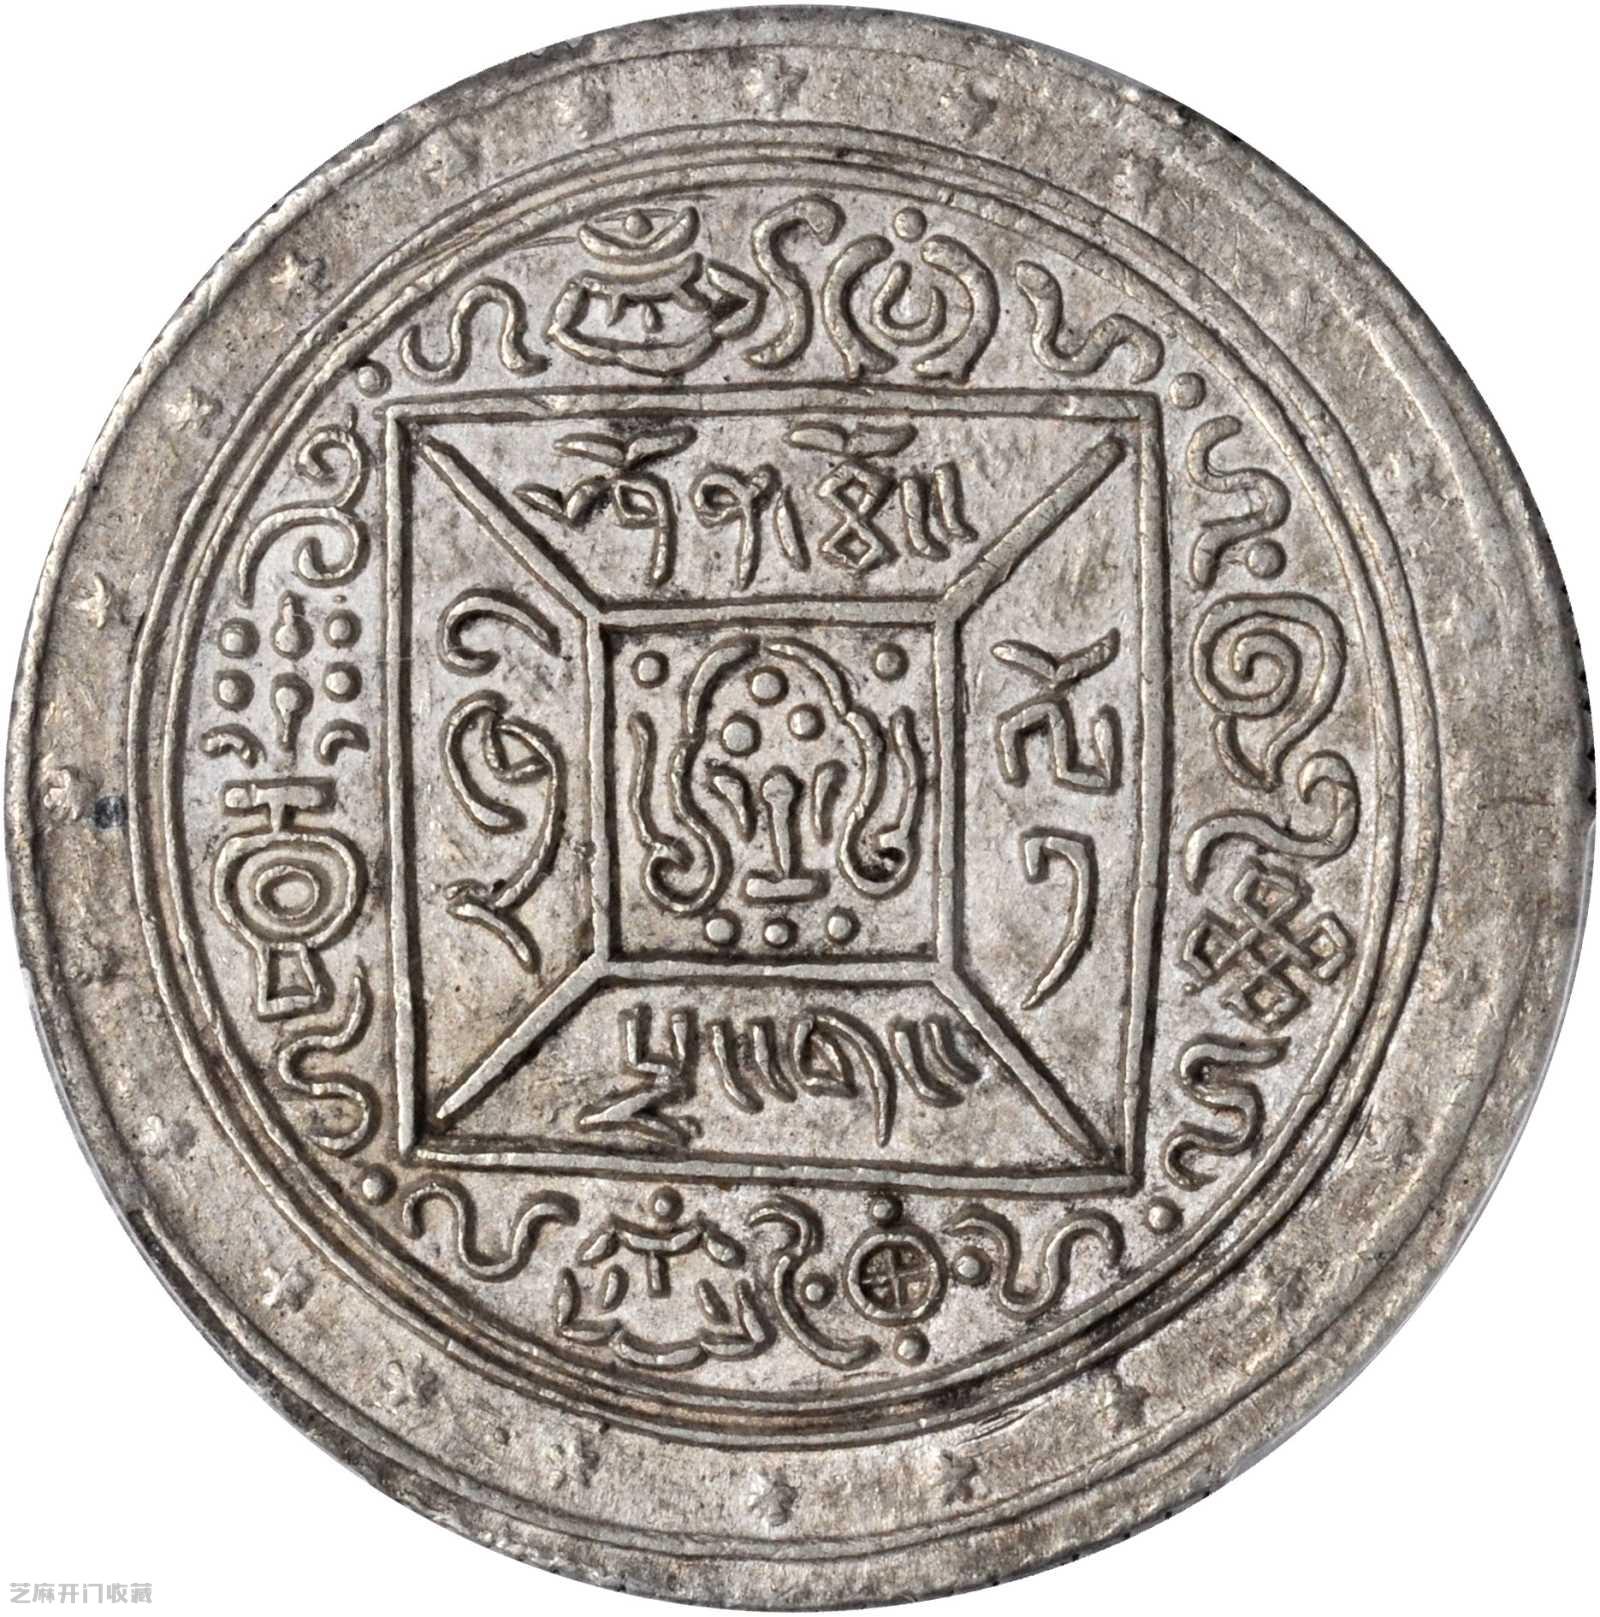 西藏一两银币值多少钱